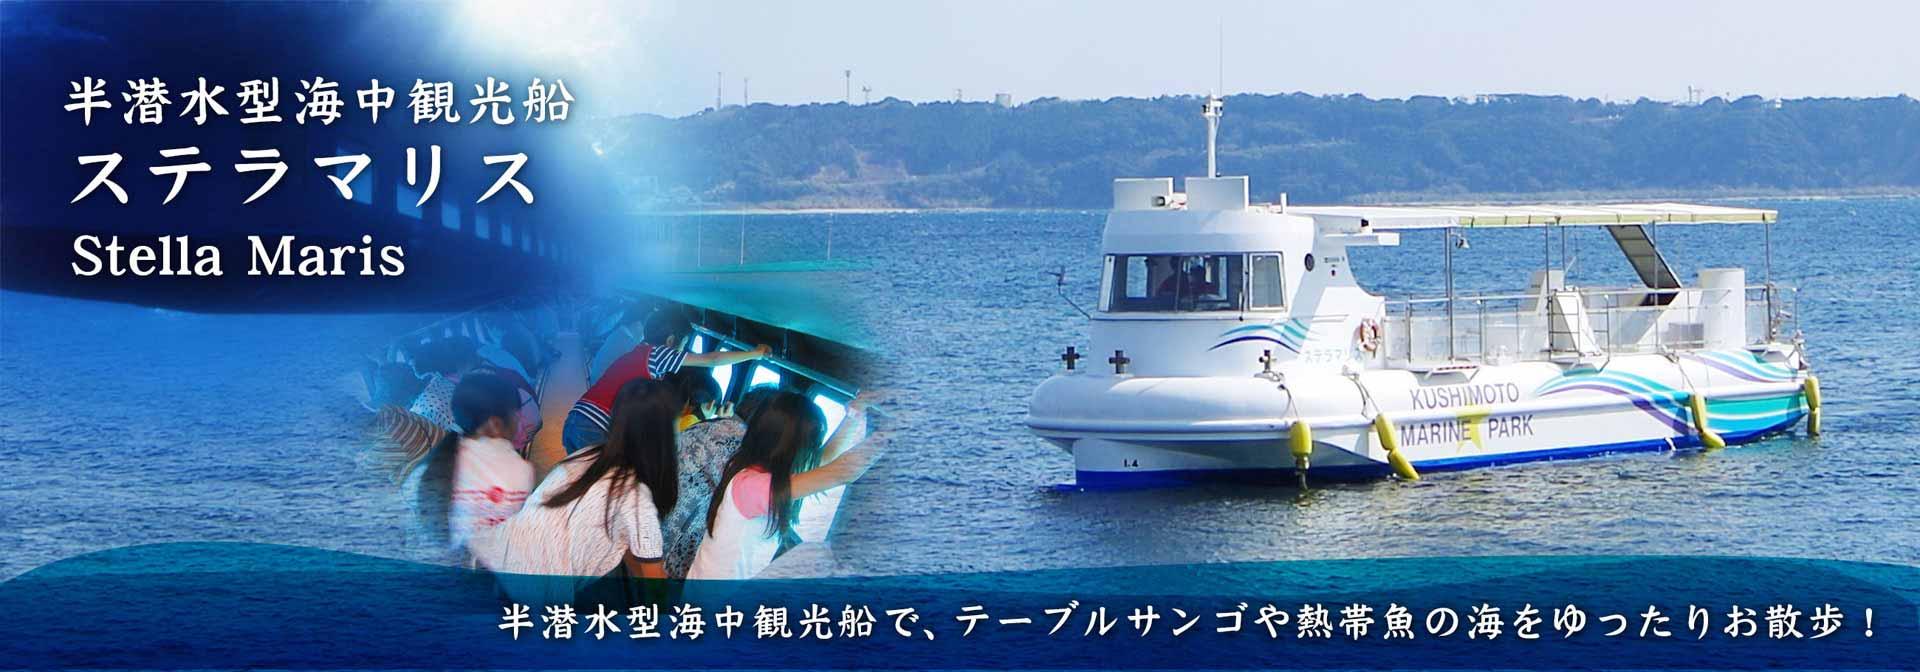 半潜水型海中観光船 ステラマリス  Stella Maris